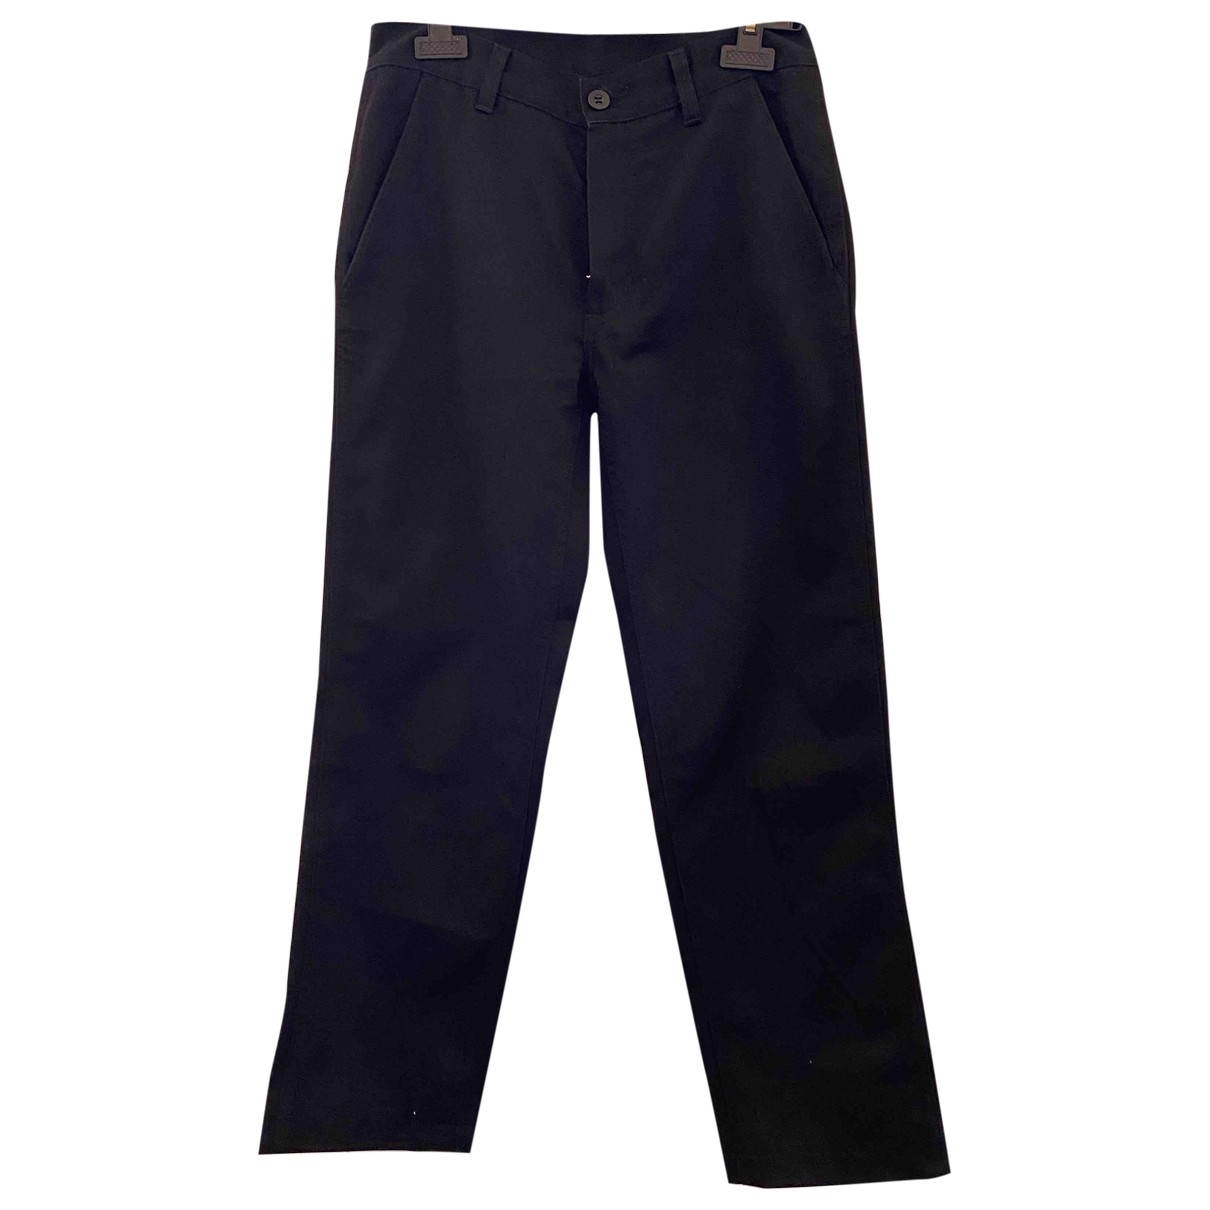 Pantalones en Algodon Negro Carhartt